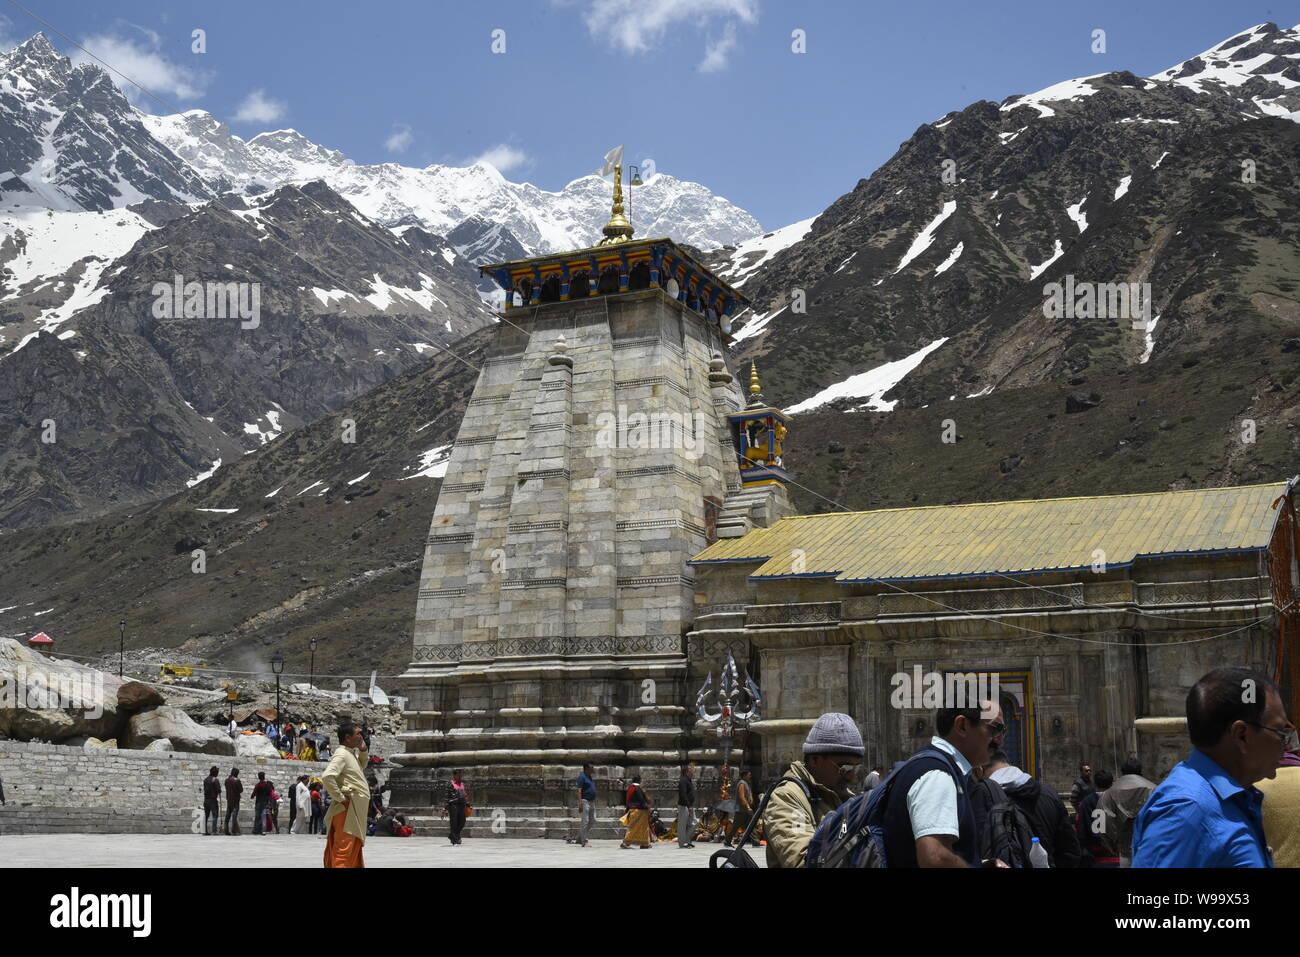 Temple Hindou de Saint Seigneur Shri Kedarnath Shankar Temple 2019 Bholenath vue dans Chamoli/District Rudraprayag , Uttrakhand , Inde , Asie Banque D'Images